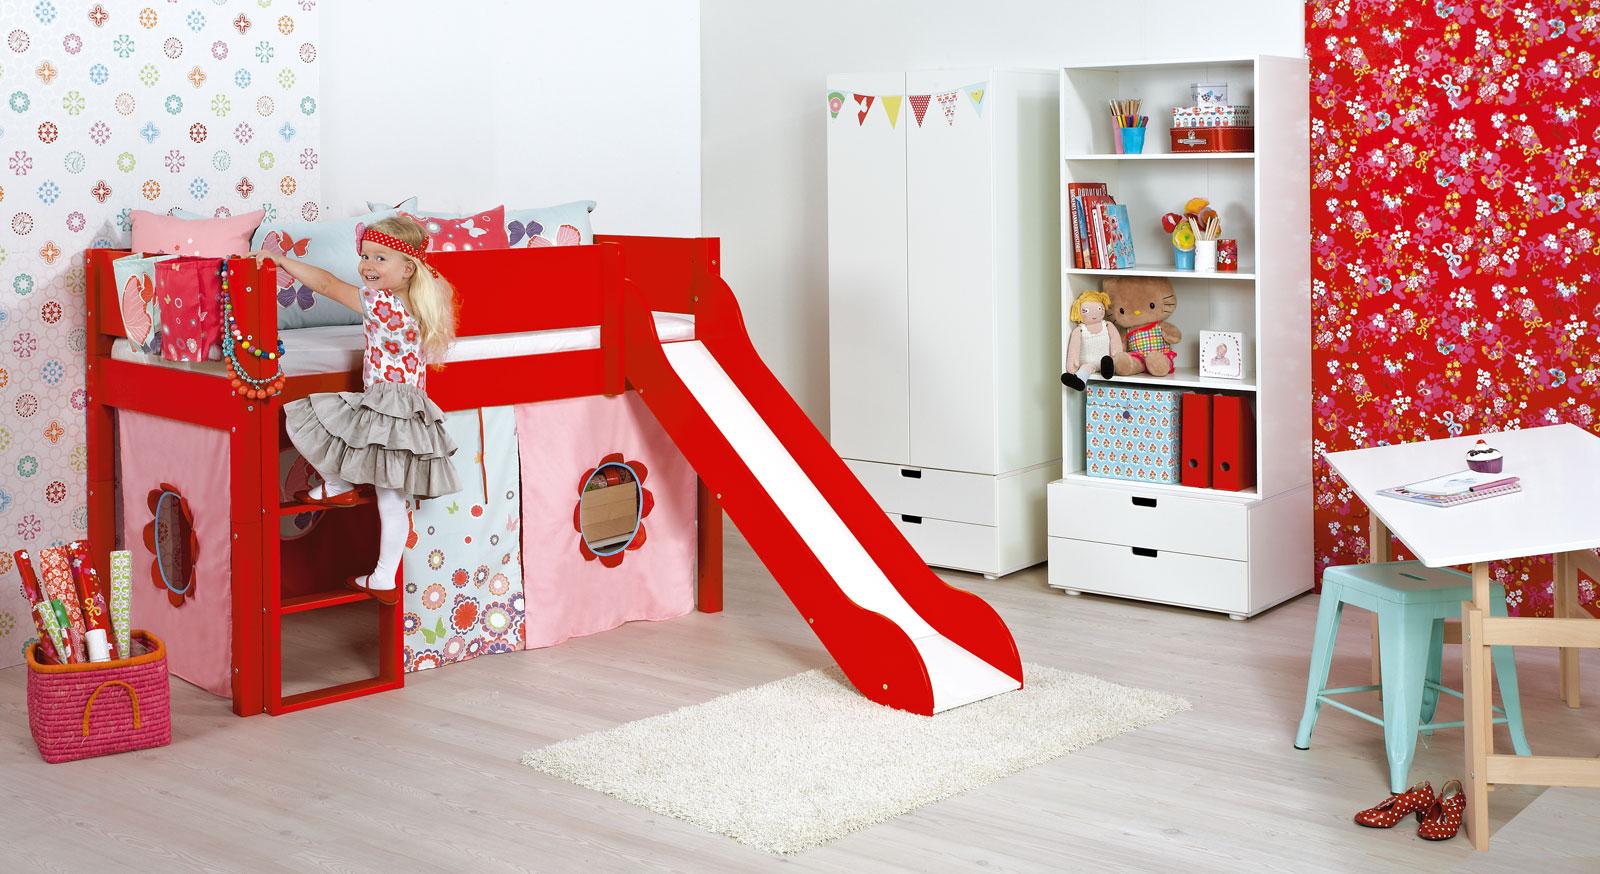 Mini-Rutschen-Hochbett Kids Town mit passenden Produkten